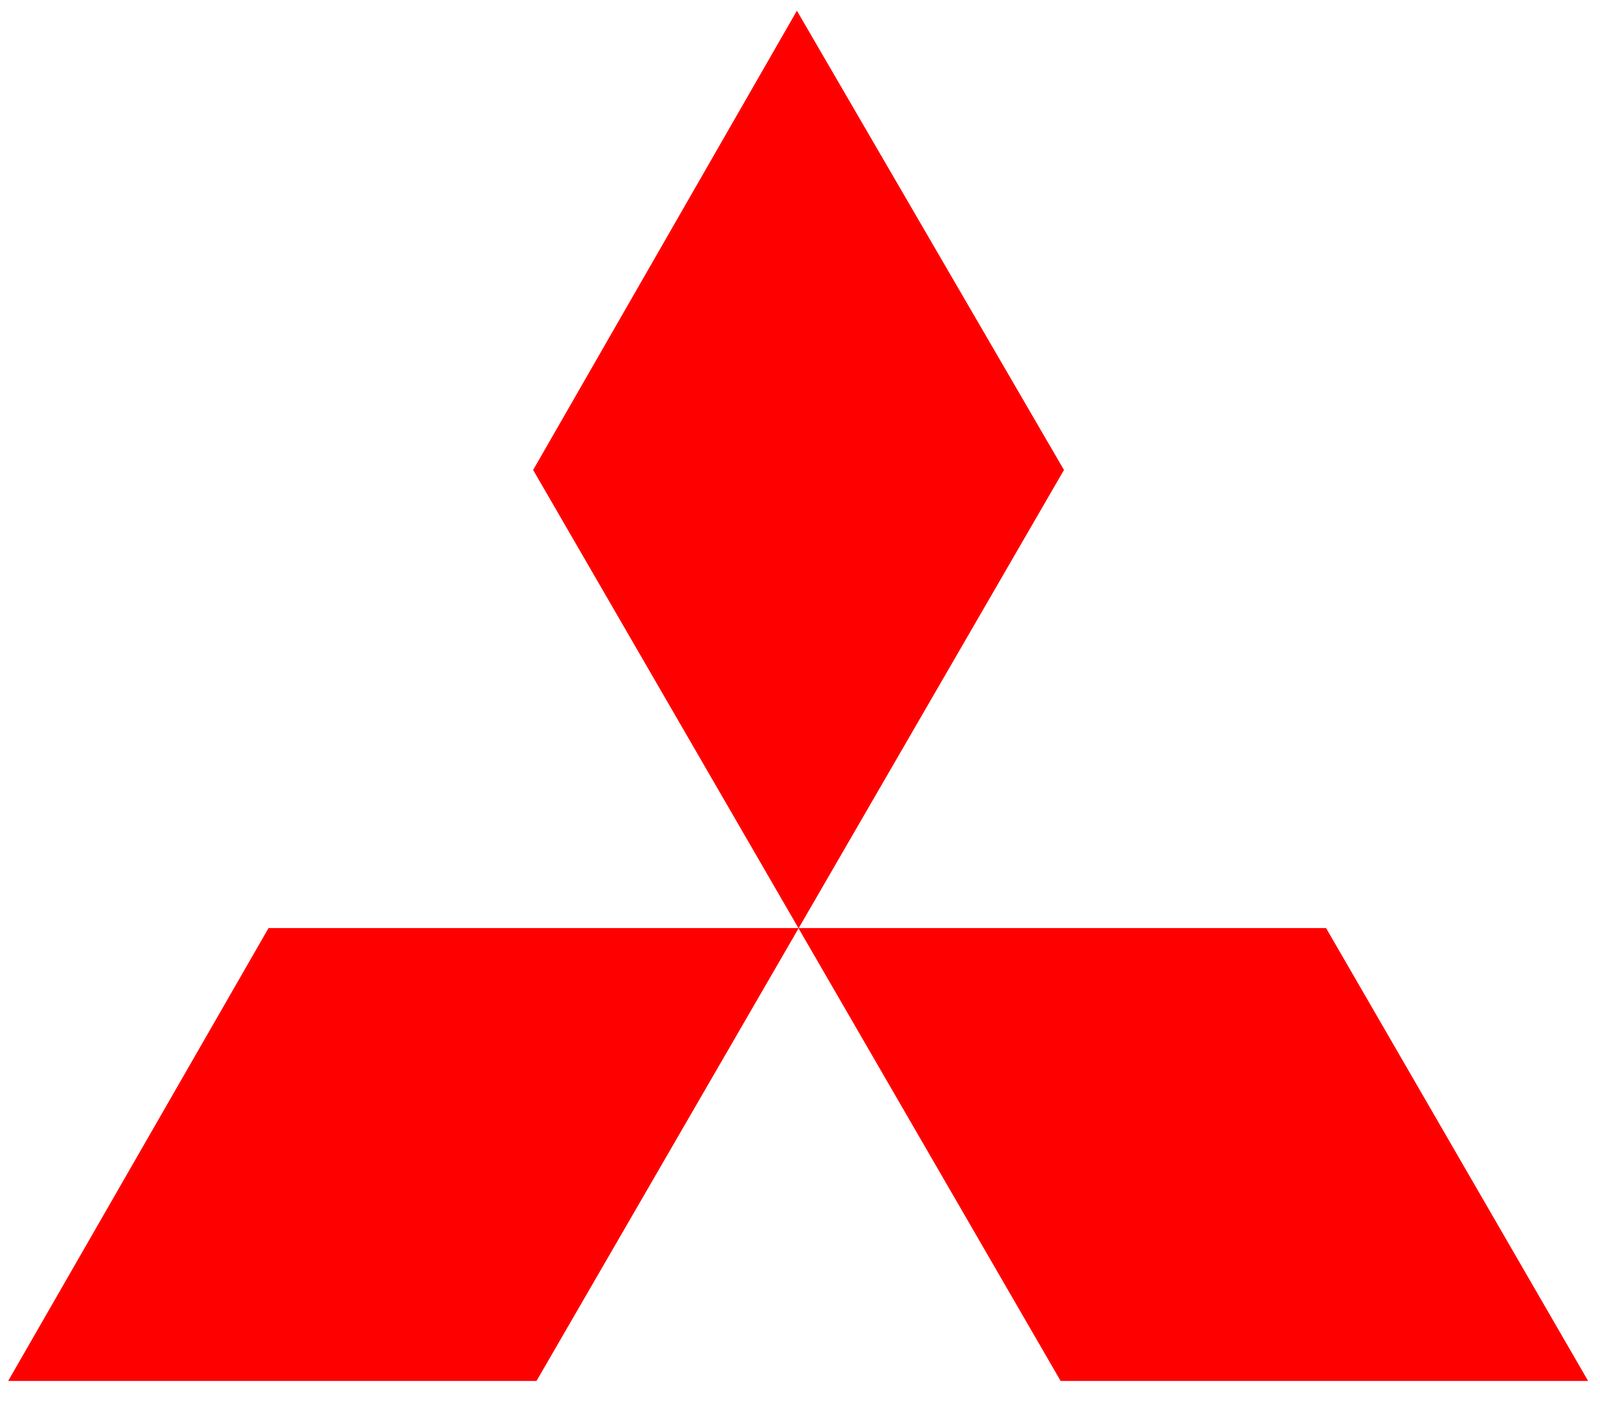 Mitsubishi car logo PNG brand image - Car Logo PNG